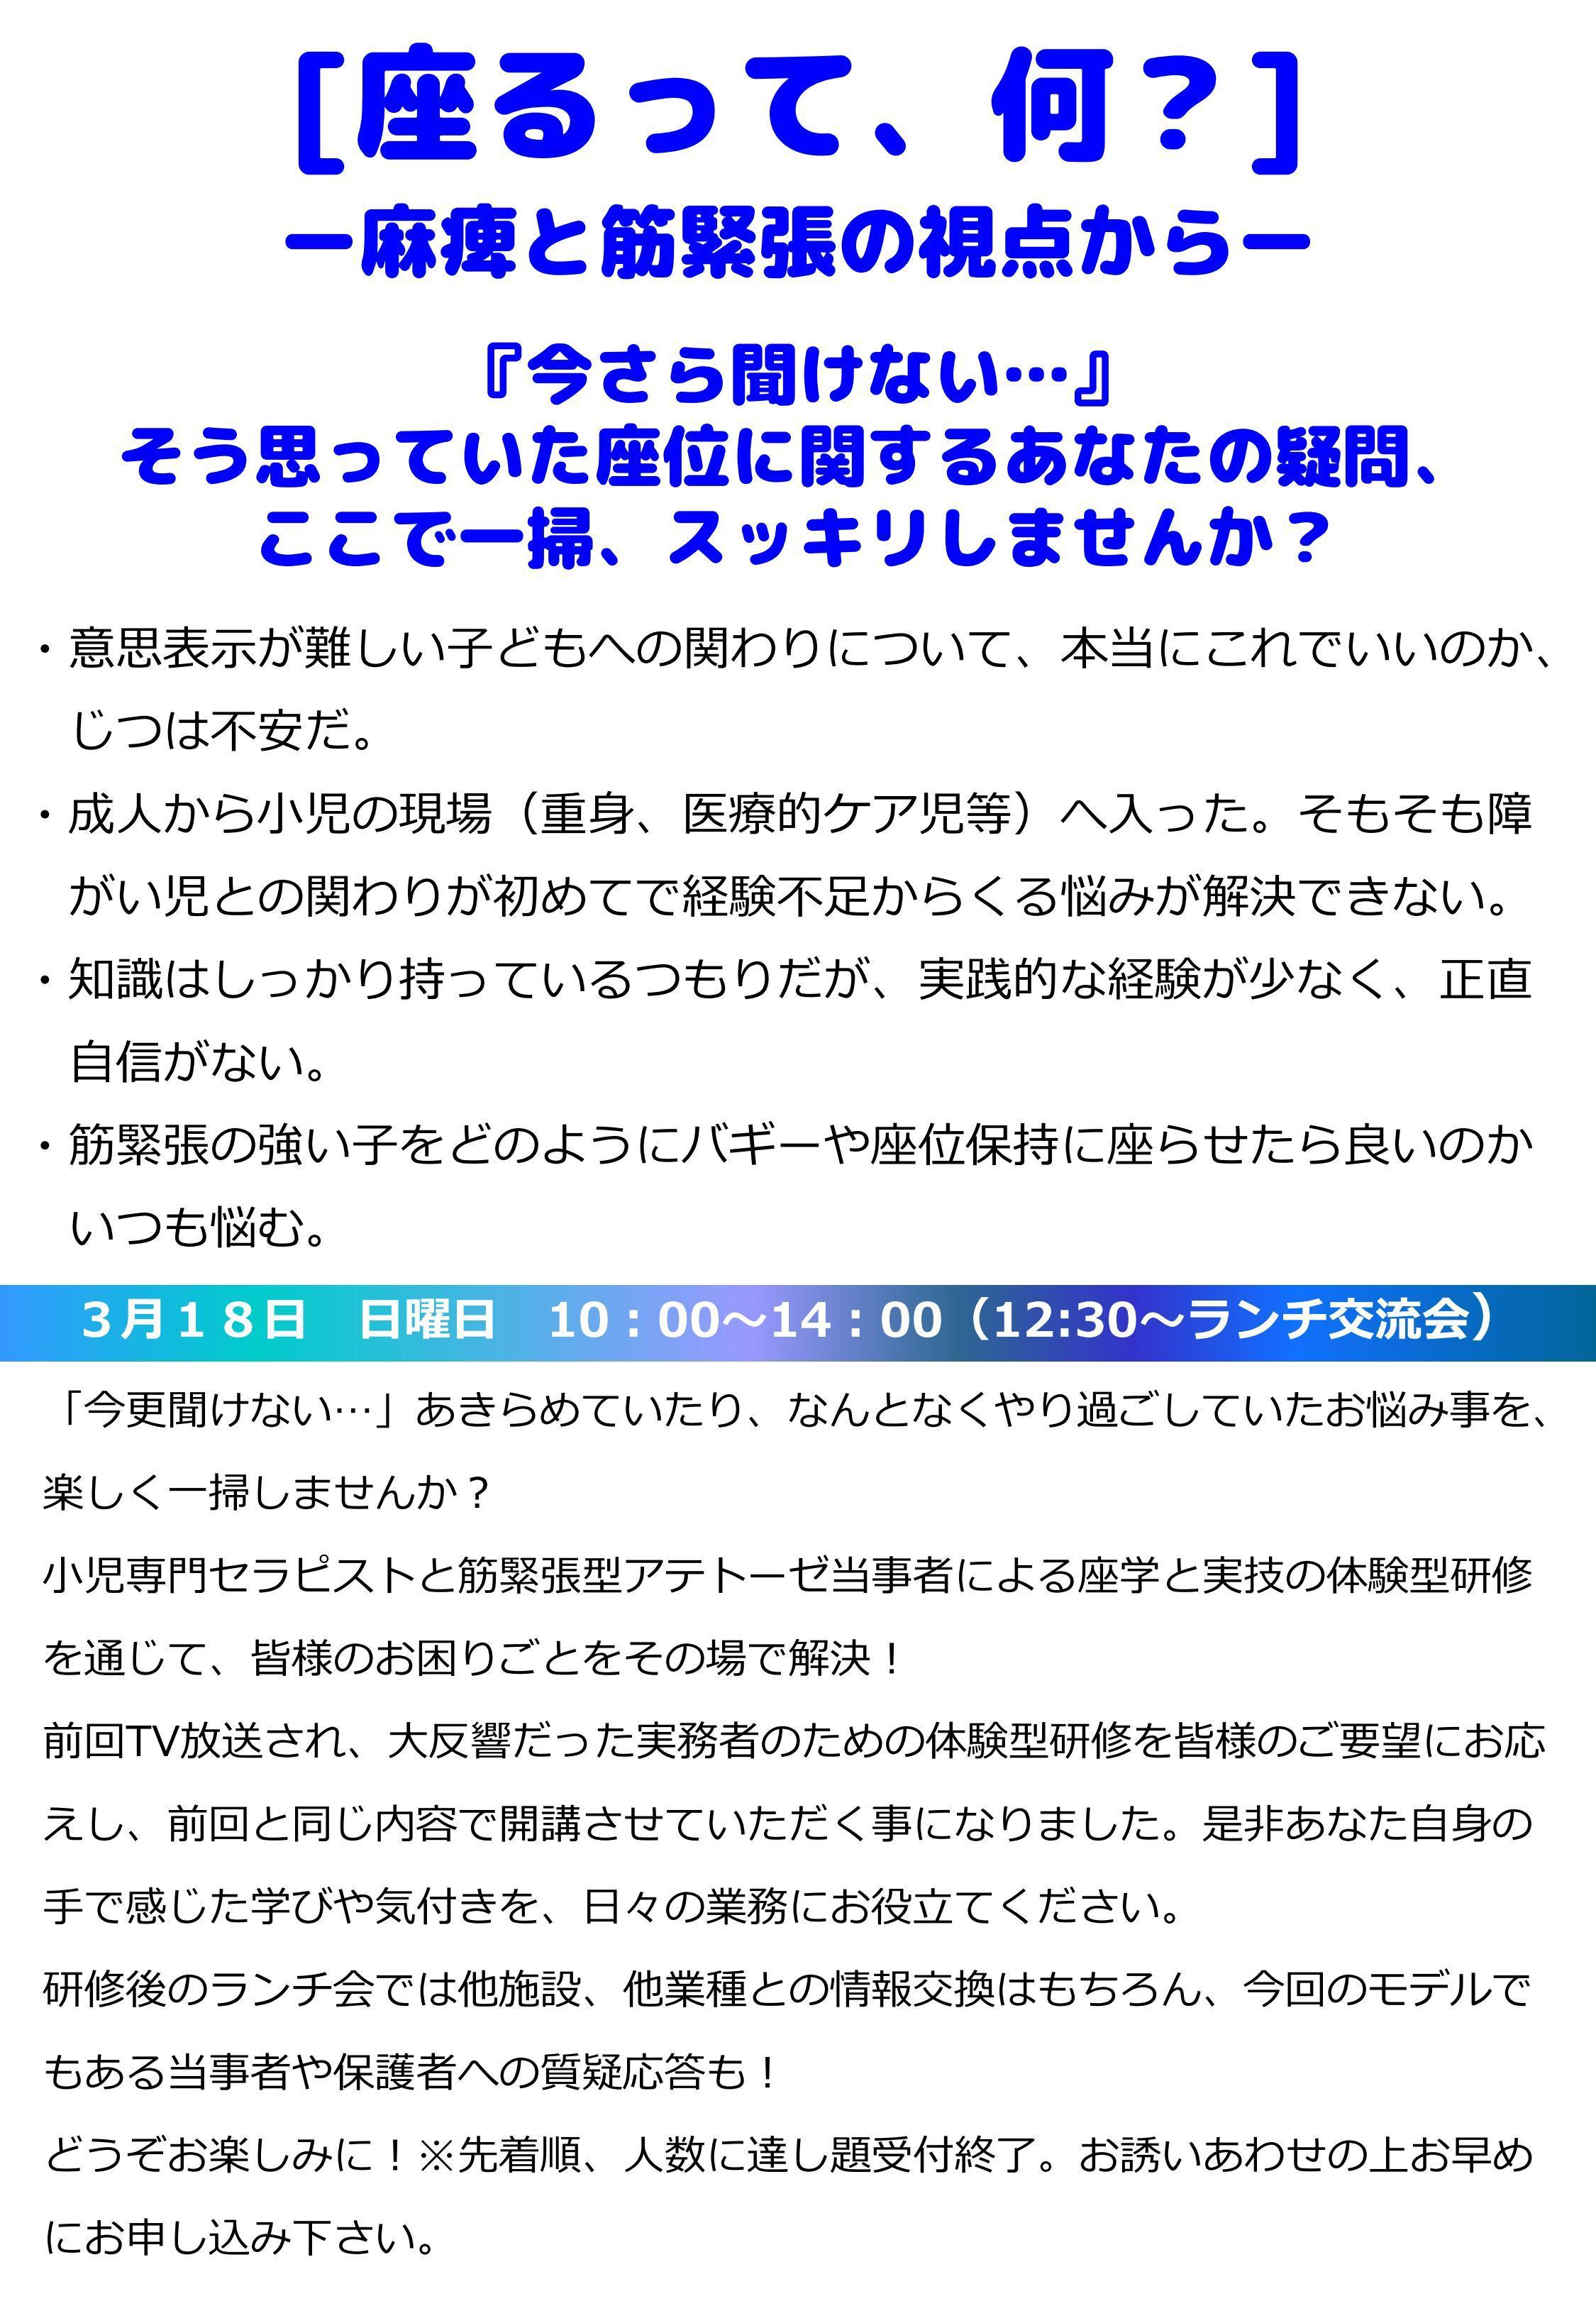 2018.3.18リョータビ②.jpg